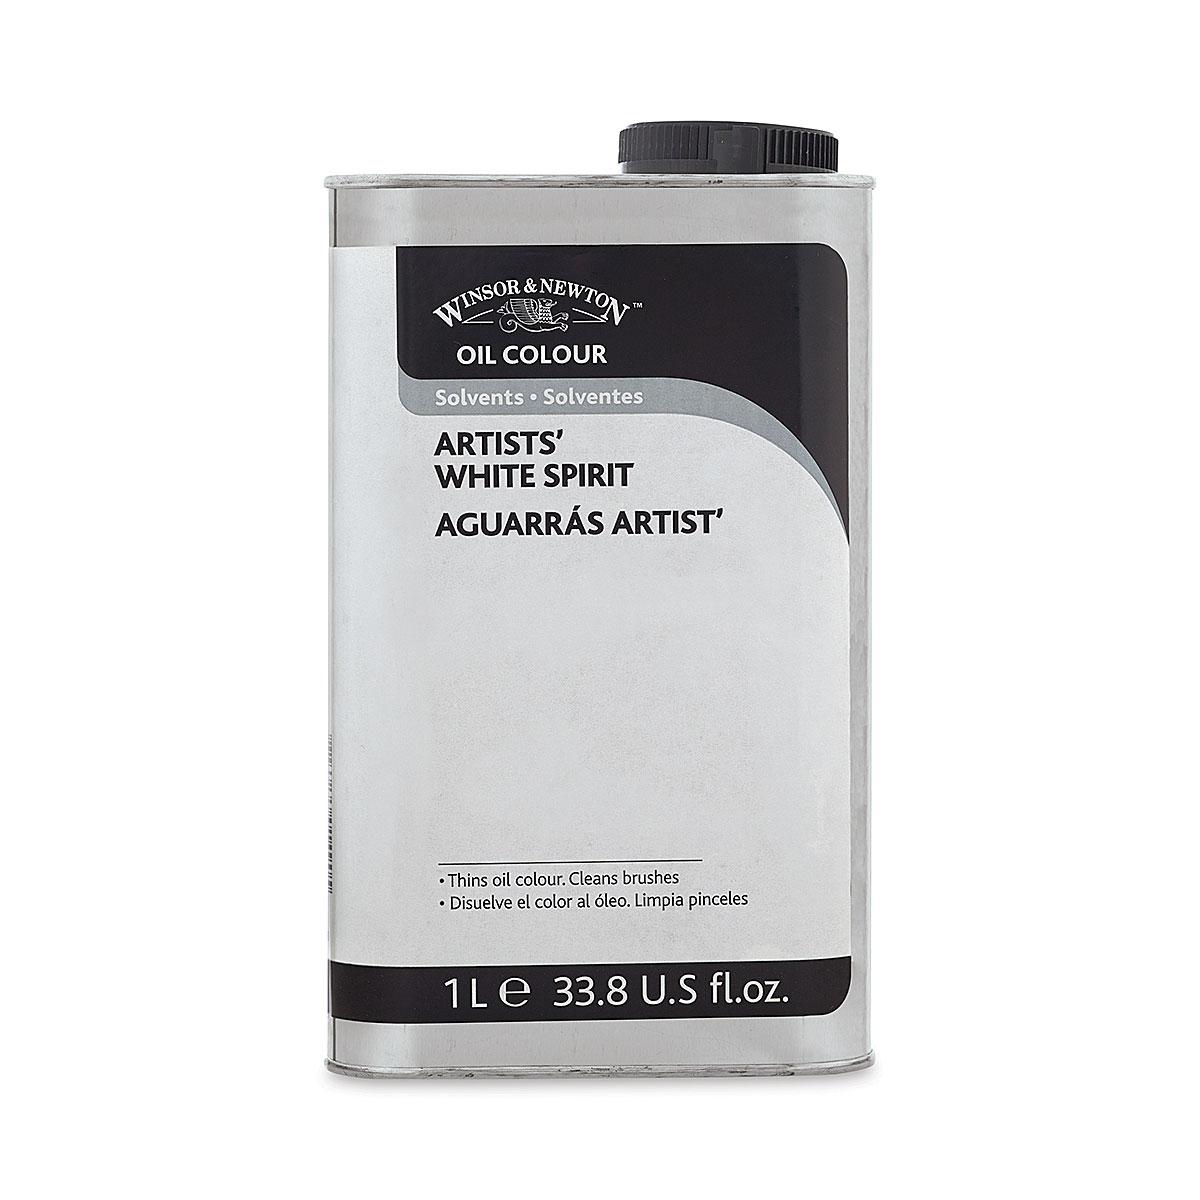 Winsor & Newton Artists White Spirit - 1 L bottle